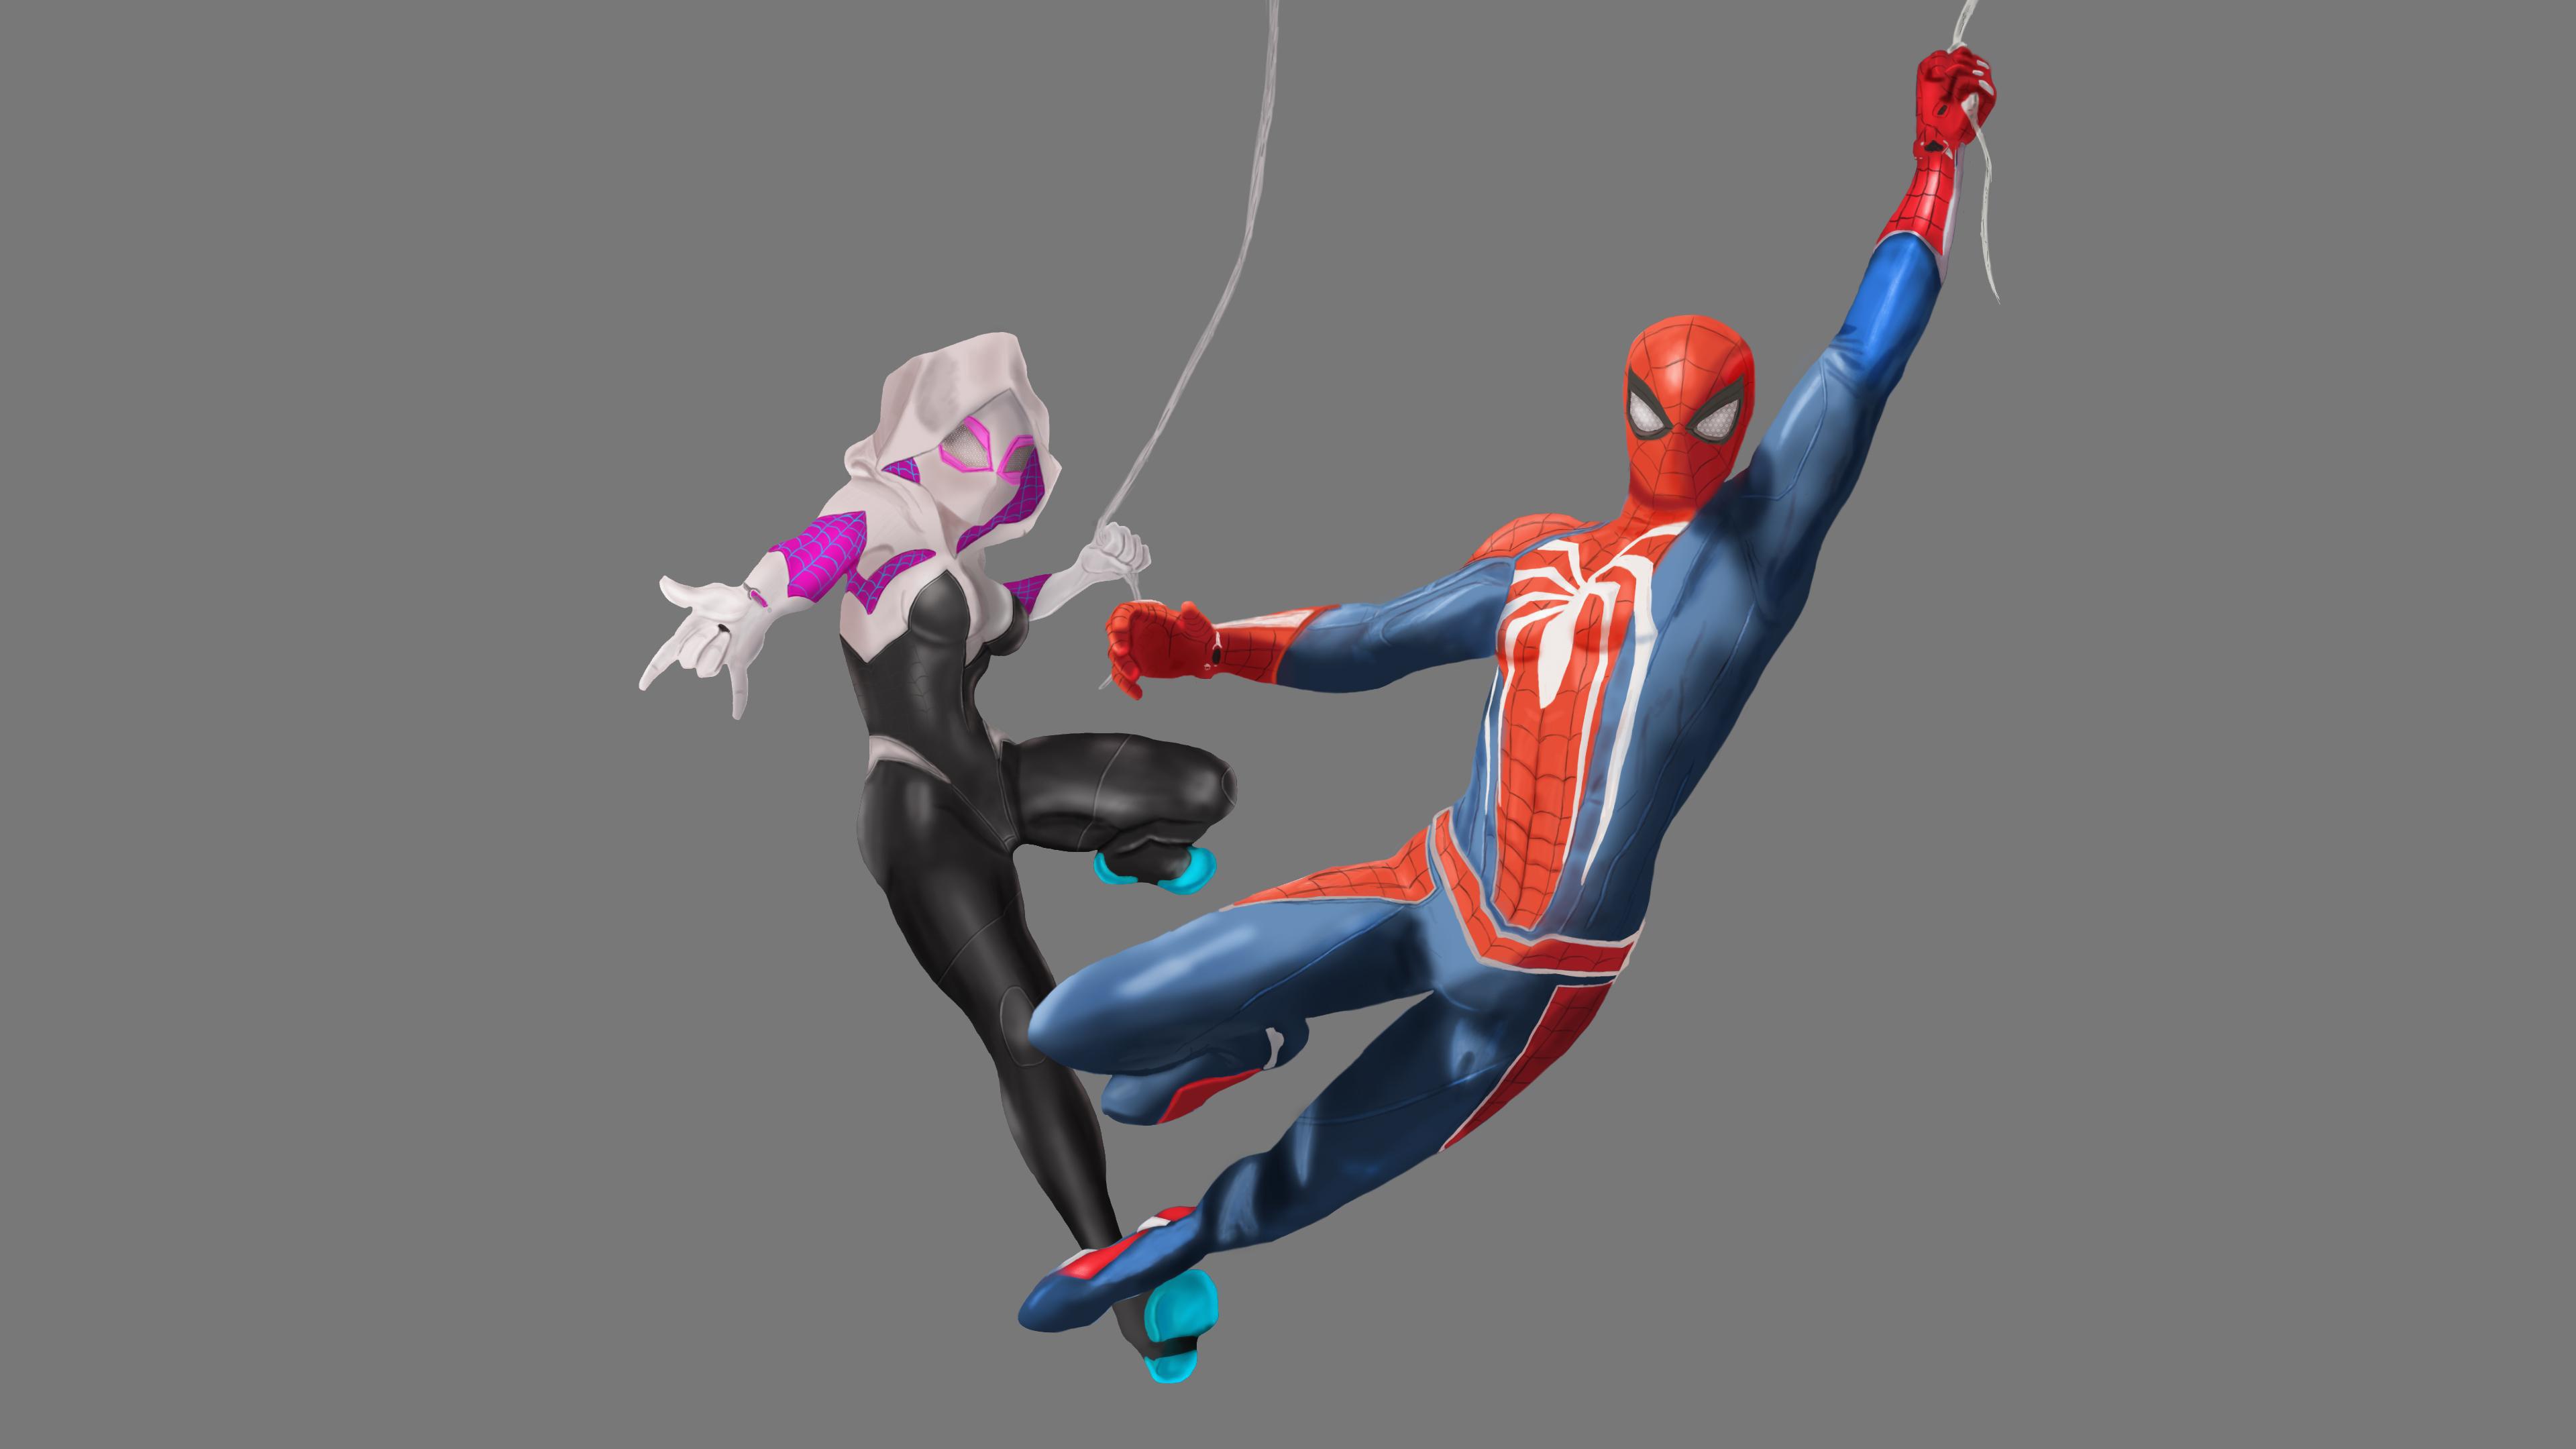 Spiderman Y Spider Gwen 3840x2160 Download Hd Wallpaper Wallpapertip